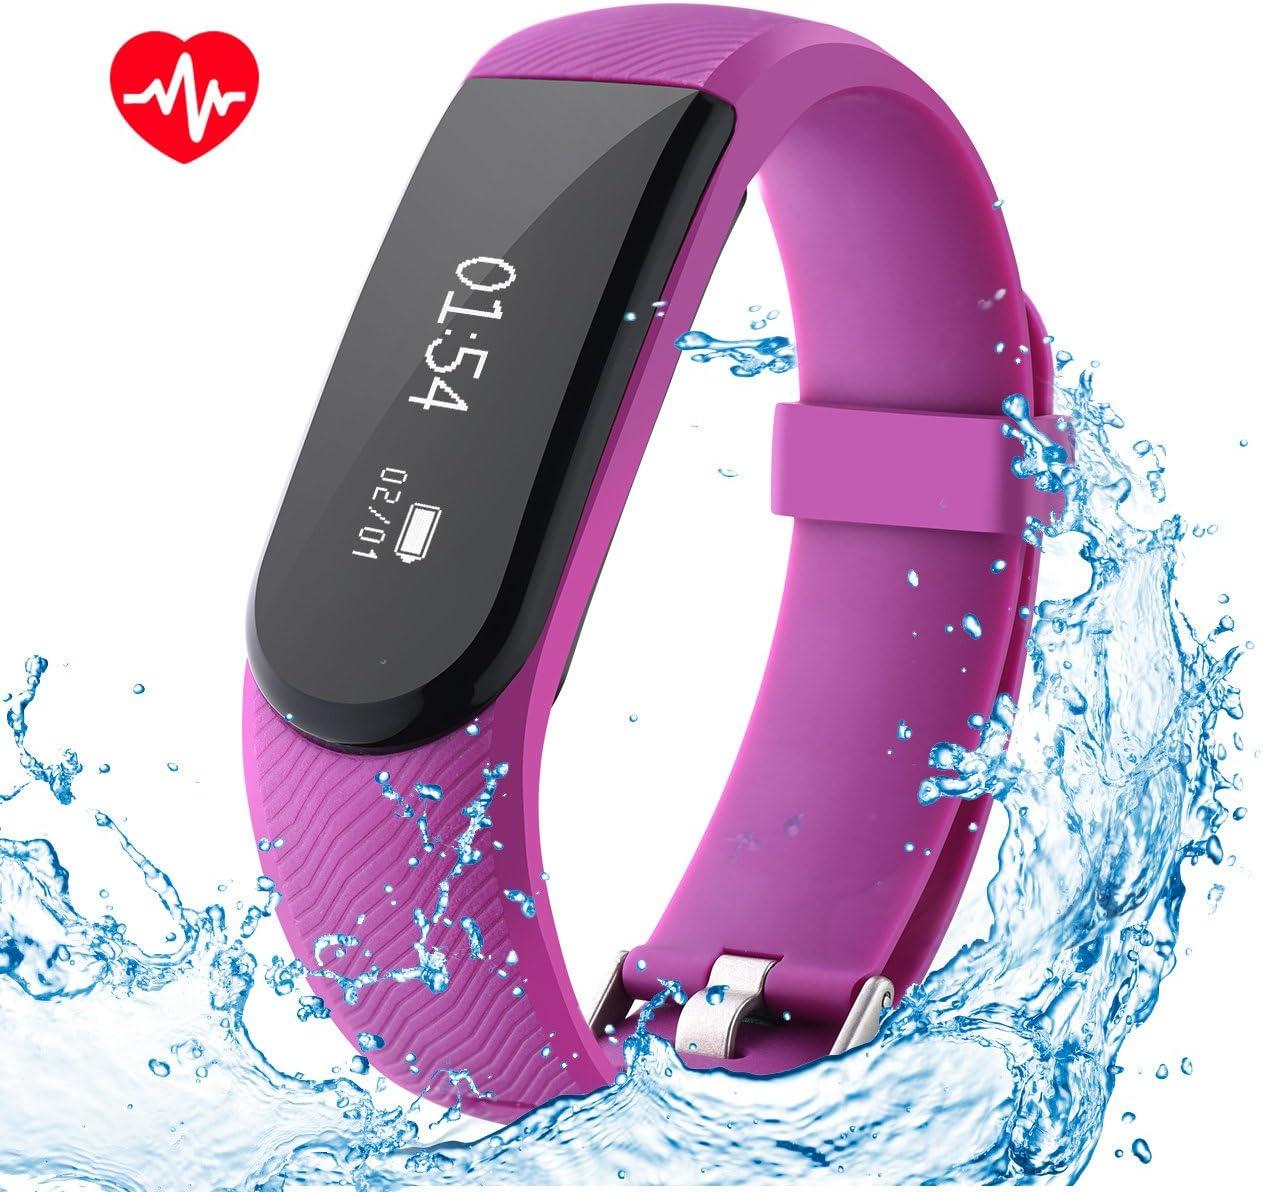 OMORC Pulsera de Actividad Inteligentes con Ritmo Cardíaco, Impermeable IPx7, Podómetro, Monitor de Sueño, Control Remoto de Móvil para iOS 7.1 o Superior y Android 4.4 o Superior (Púrpura)